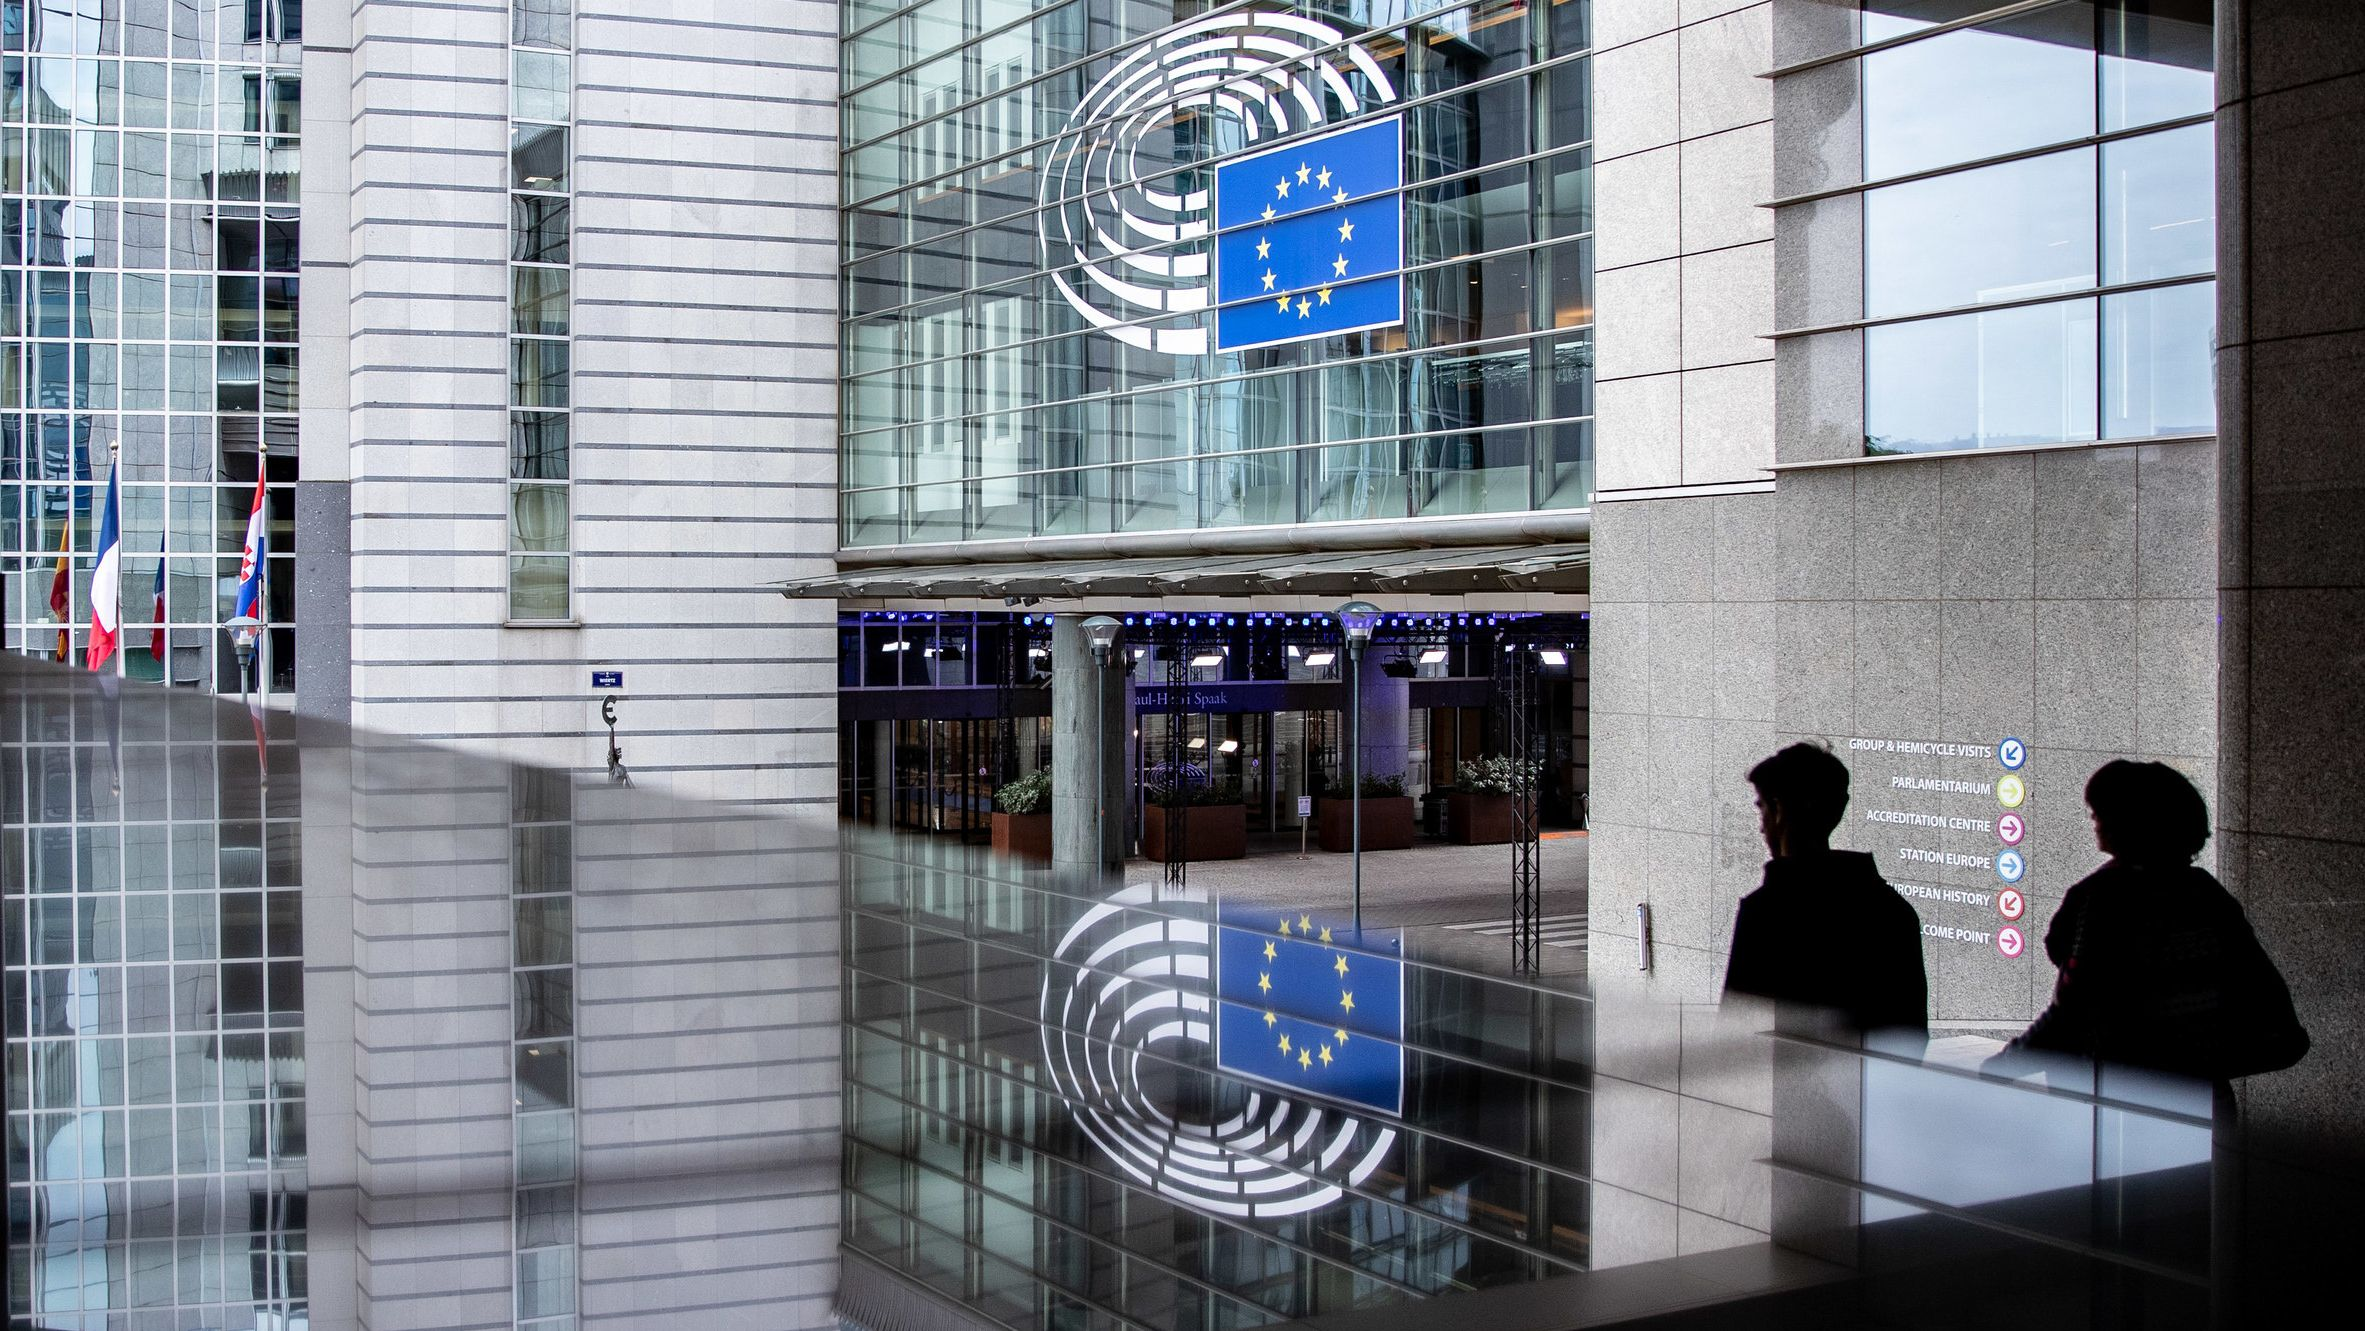 Ein Eingang zum Europäischen Parlament in Brüssel spiegelt sich in einer Glasfläche.